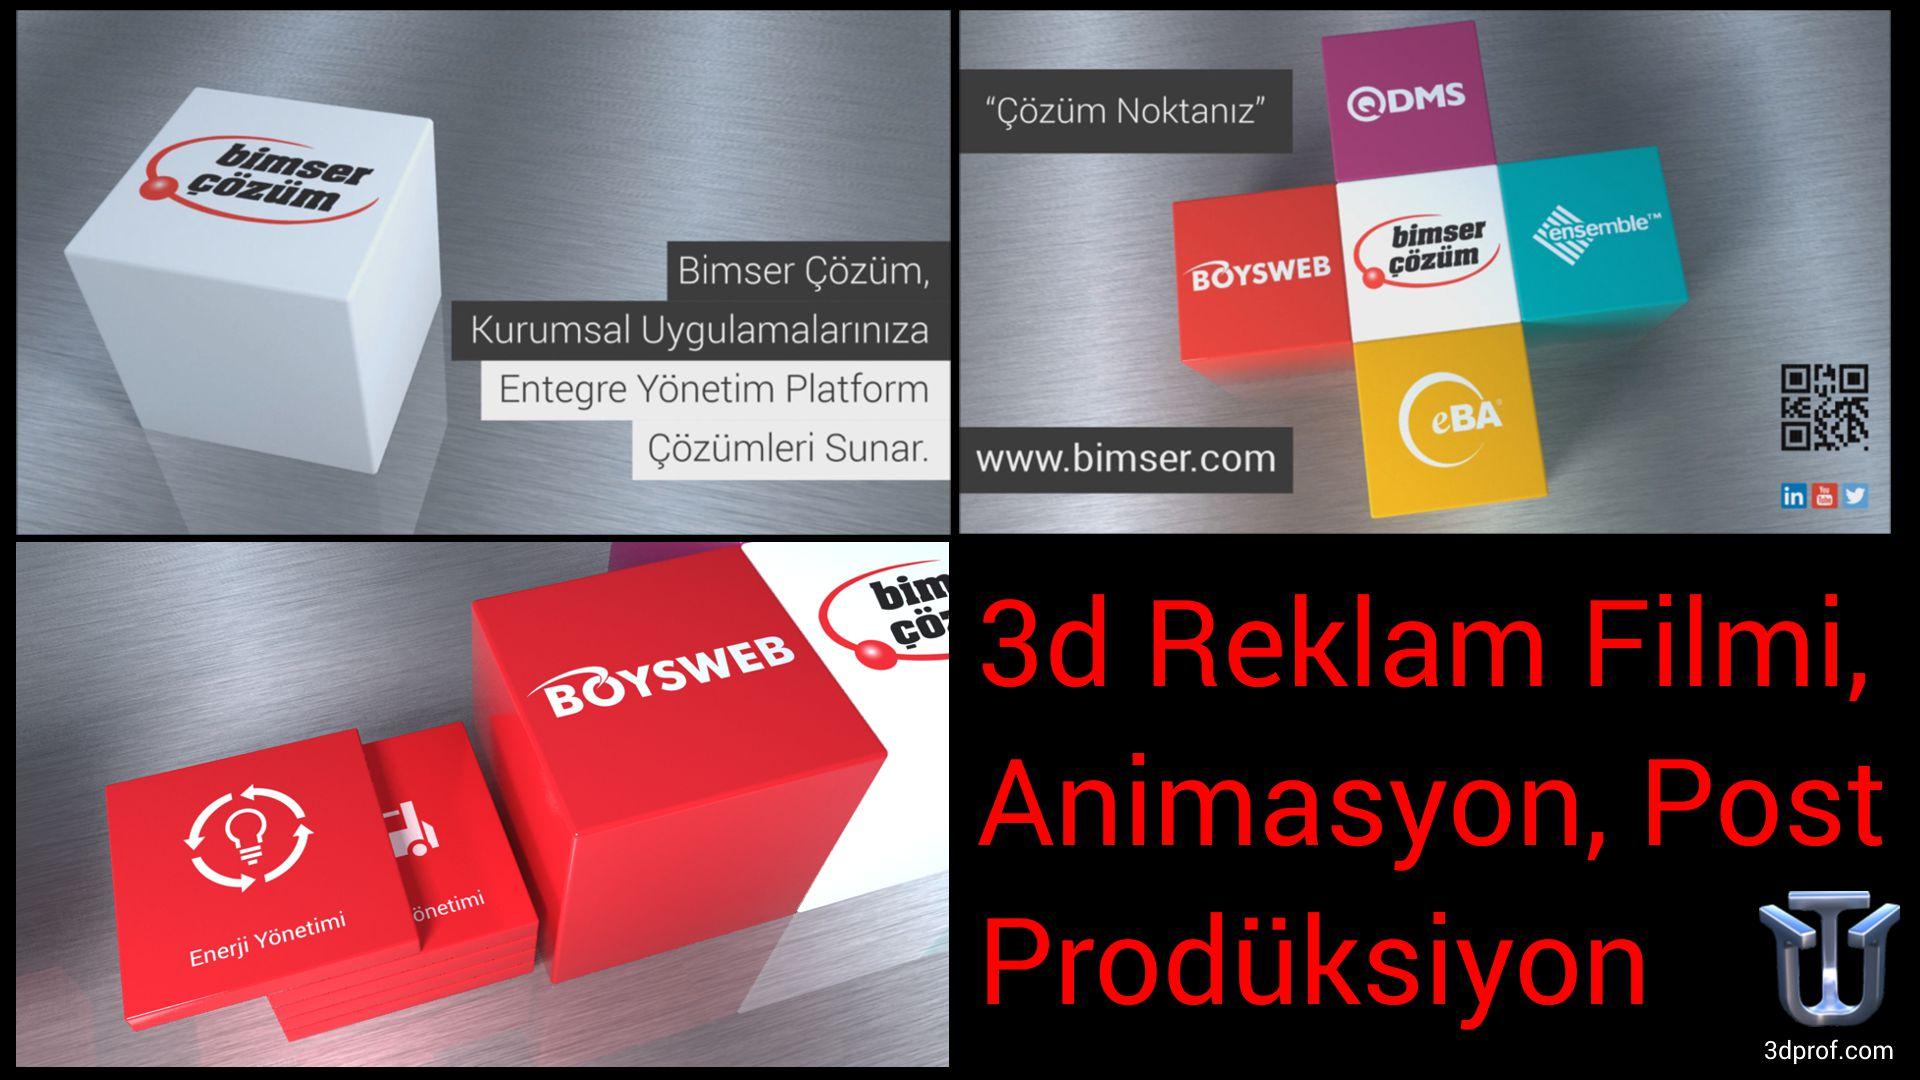 3d reklam filmi, animasyon, post prodüksiyon